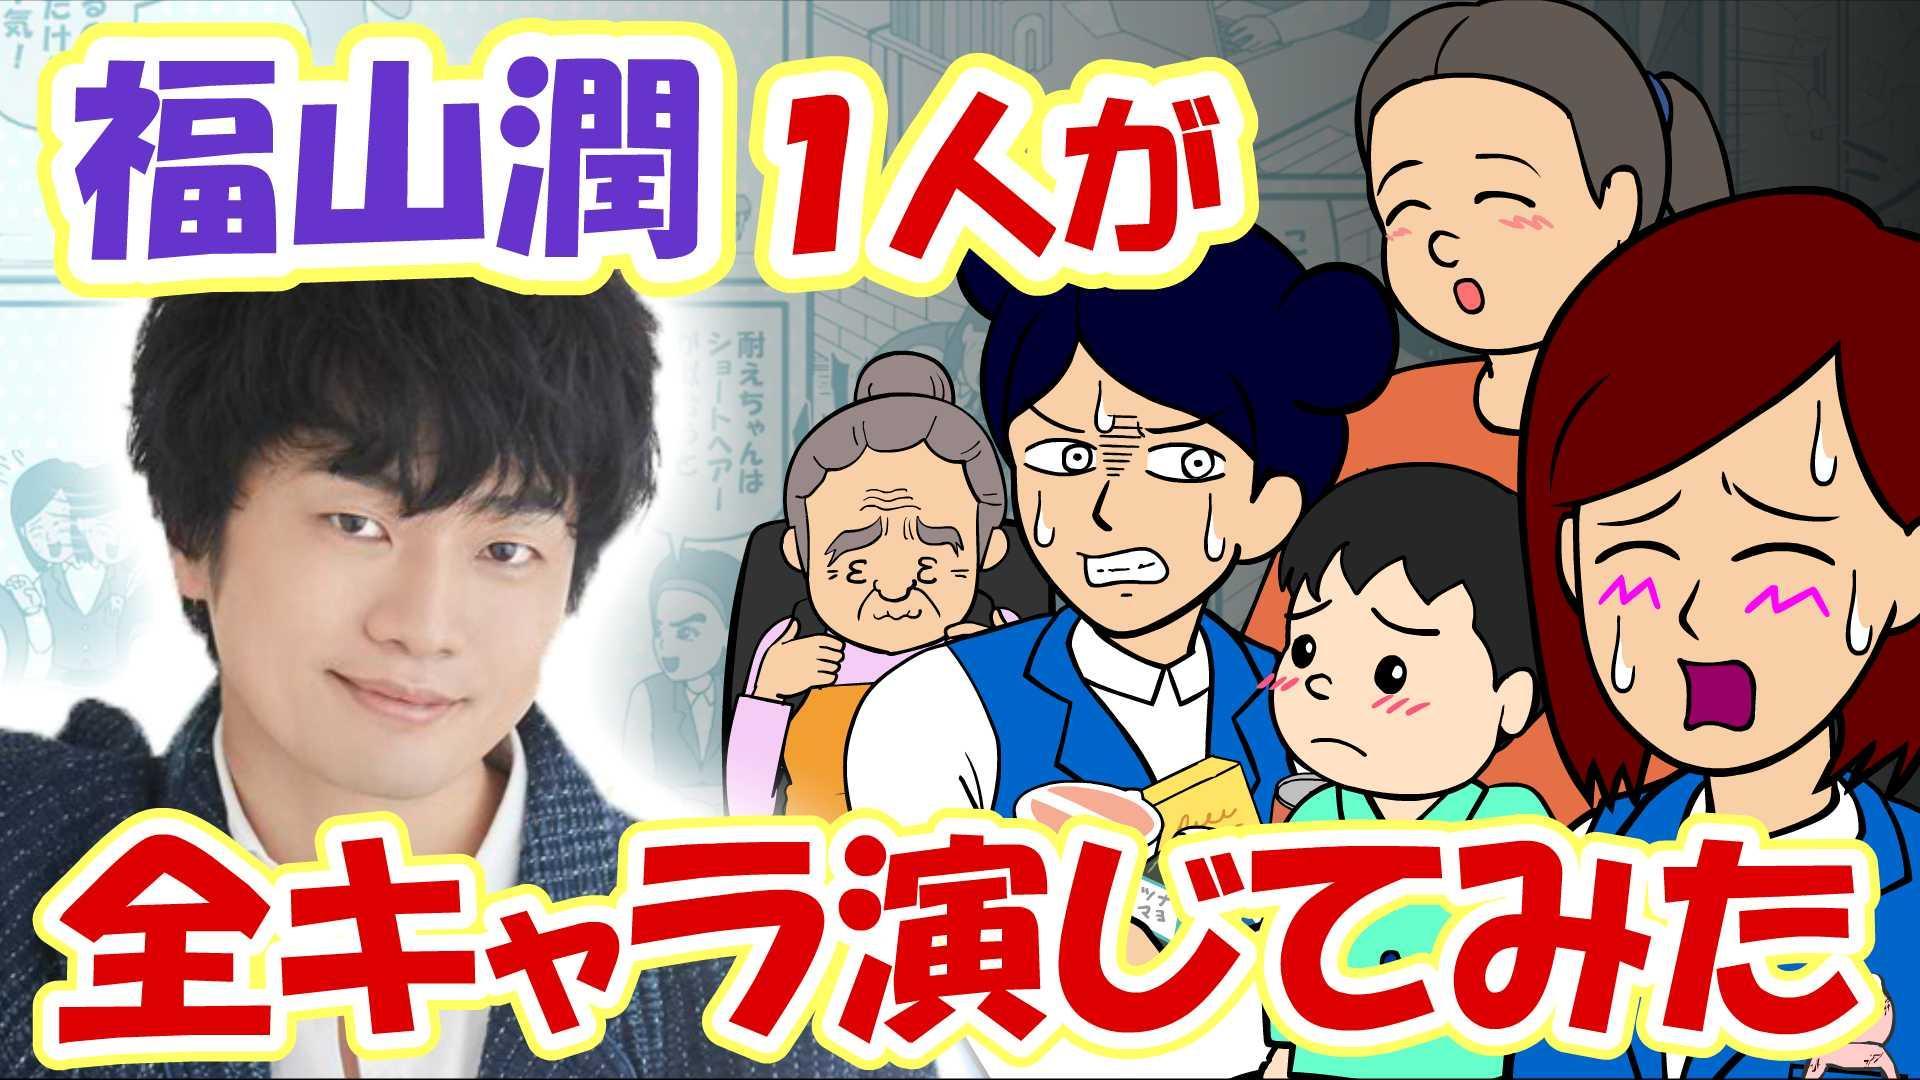 【耐え子】アニメ「耐え子の日常」に人気声優・福山潤さん大量出演! おまけに中毒になると話題の